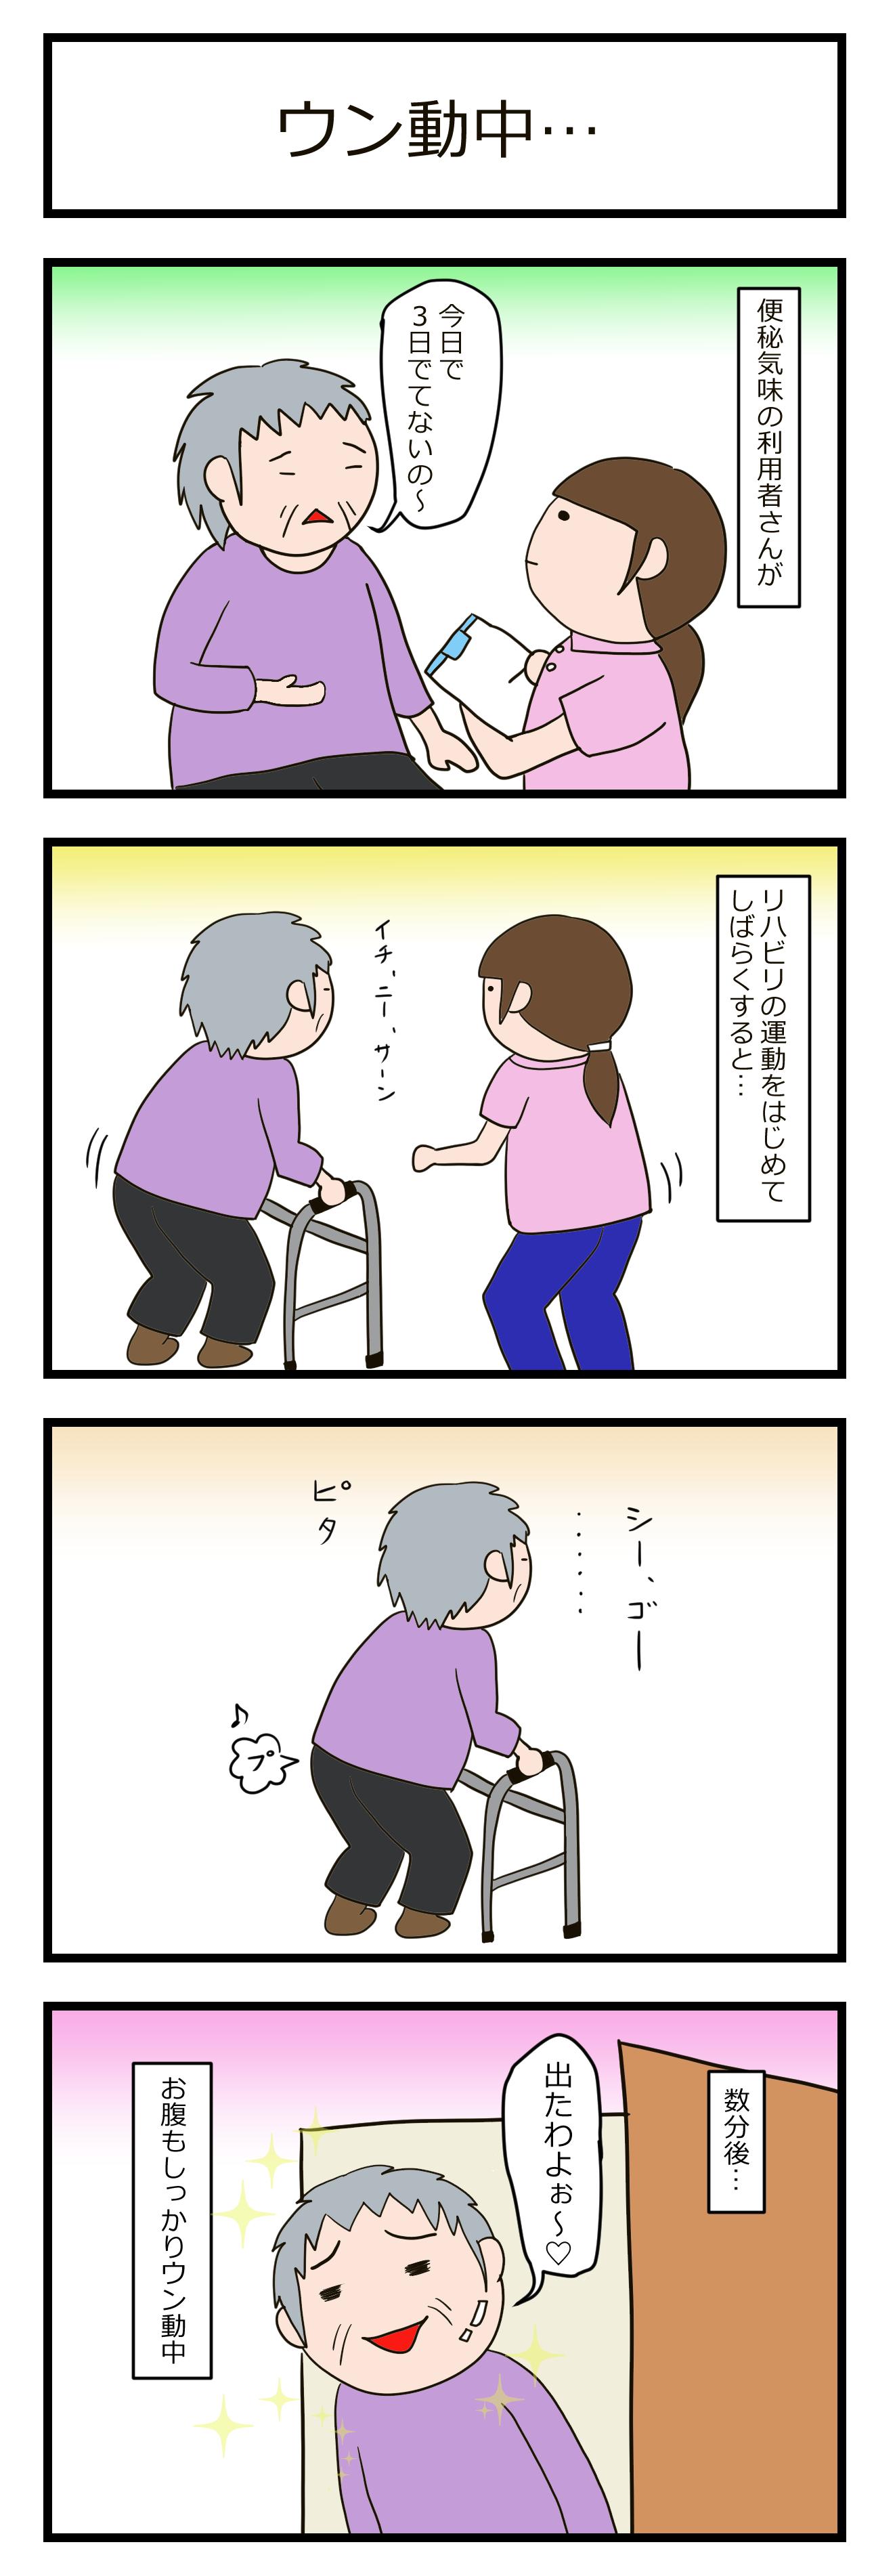 ウン動中・・・